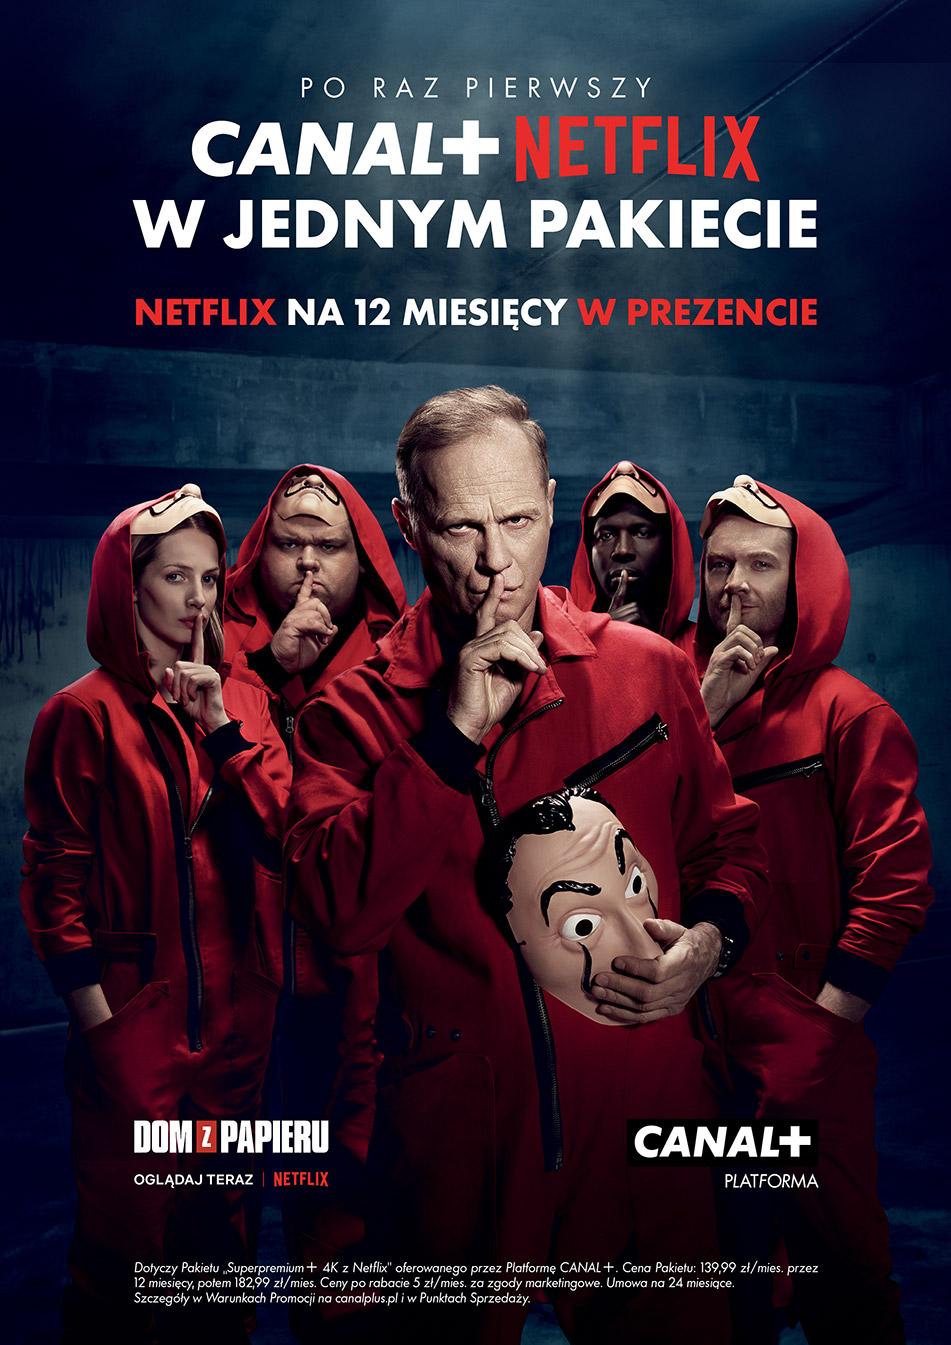 Plakat promujący pakiety Netflix z Canal+